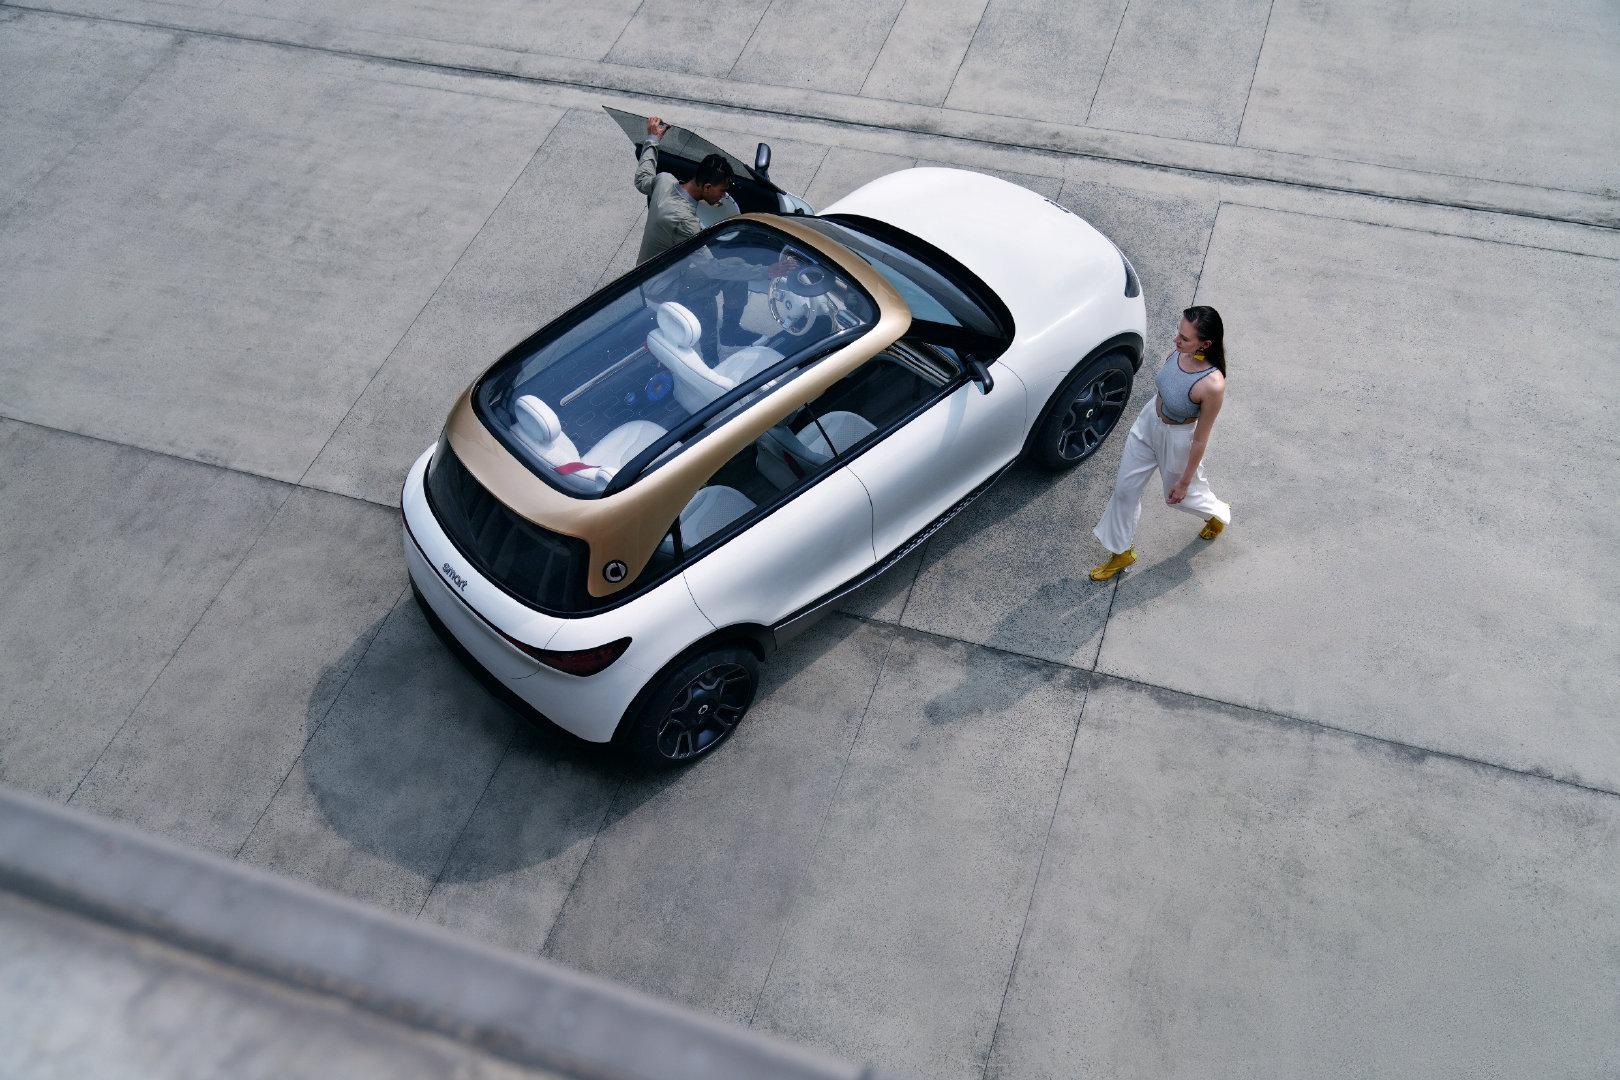 每经热评:从微型车转战紧凑型SUV市场,越来越像MINI的smart能翻红吗?